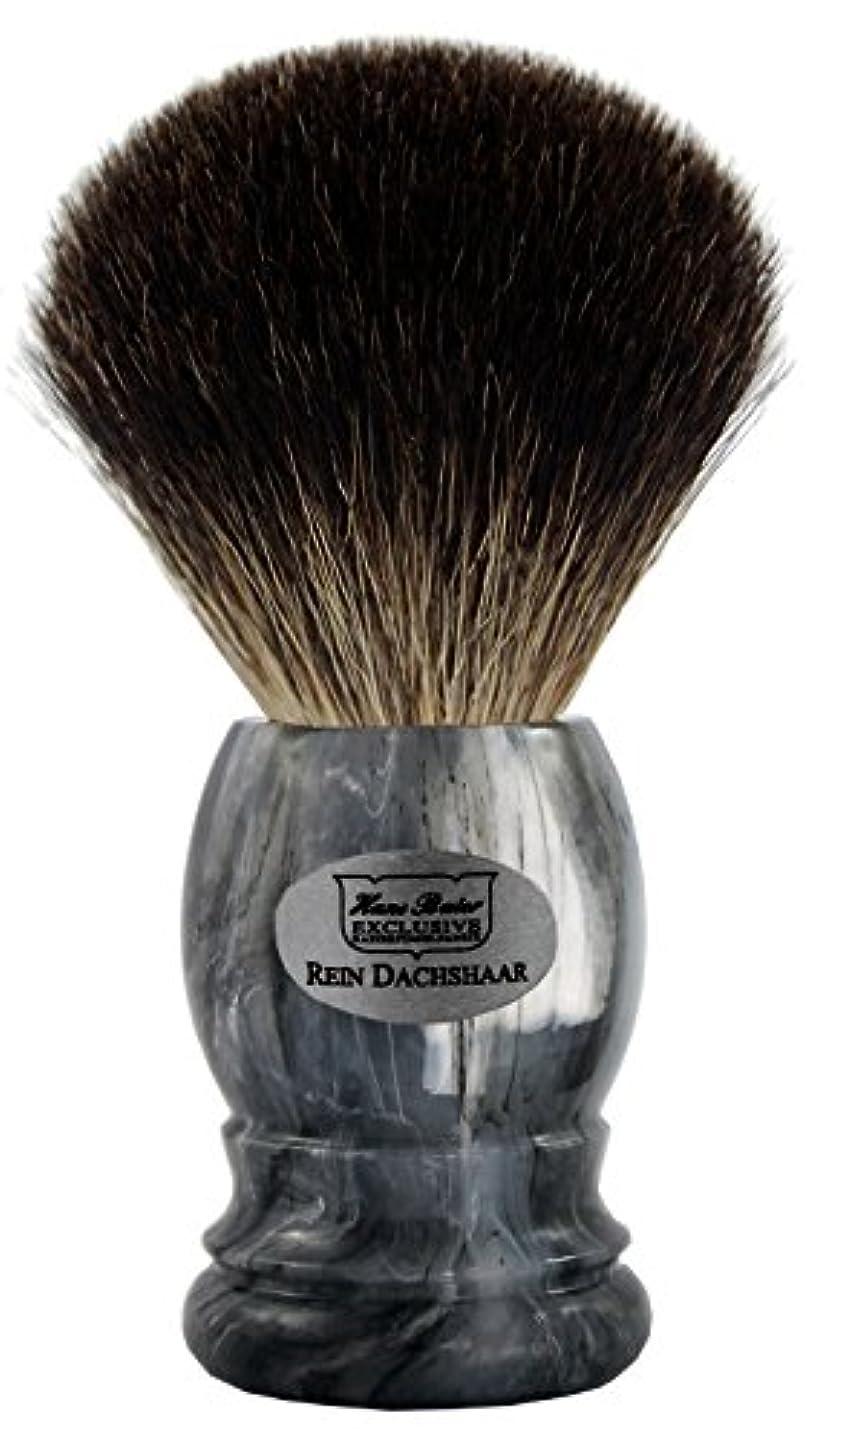 マイル談話第Shaving brush grey badger, grey handle - Hans Baier Exclusive